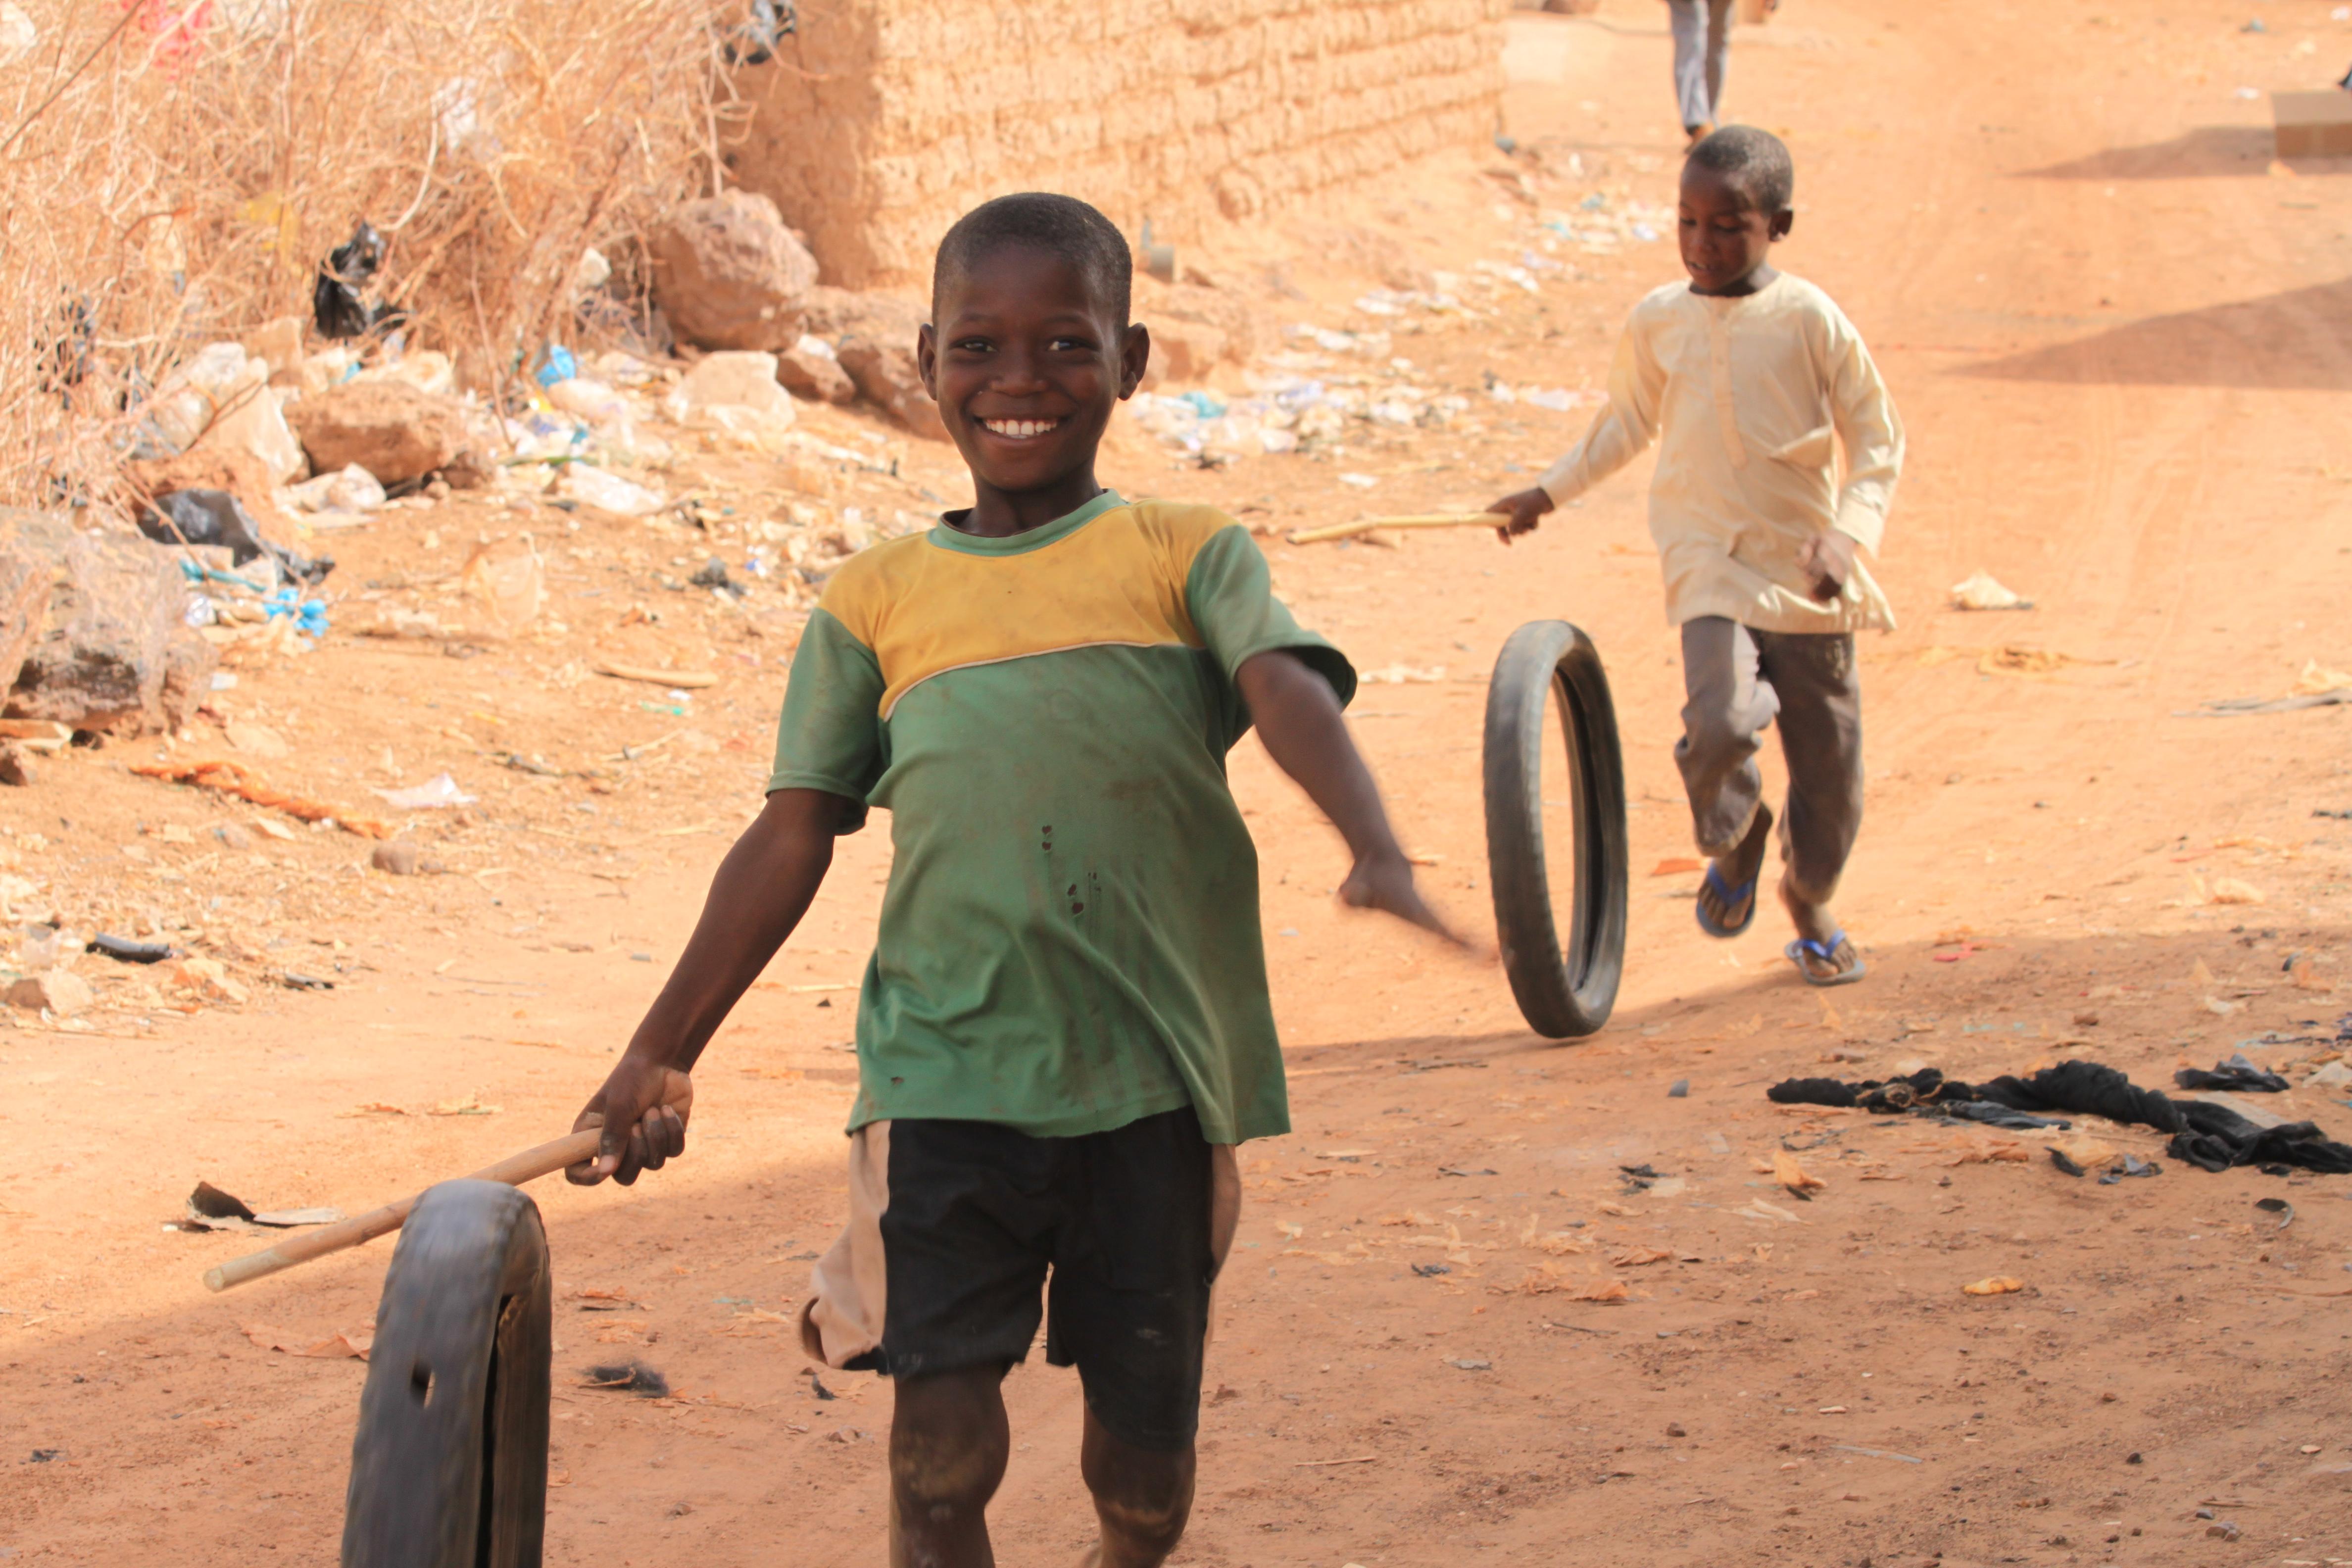 niger, children, kids